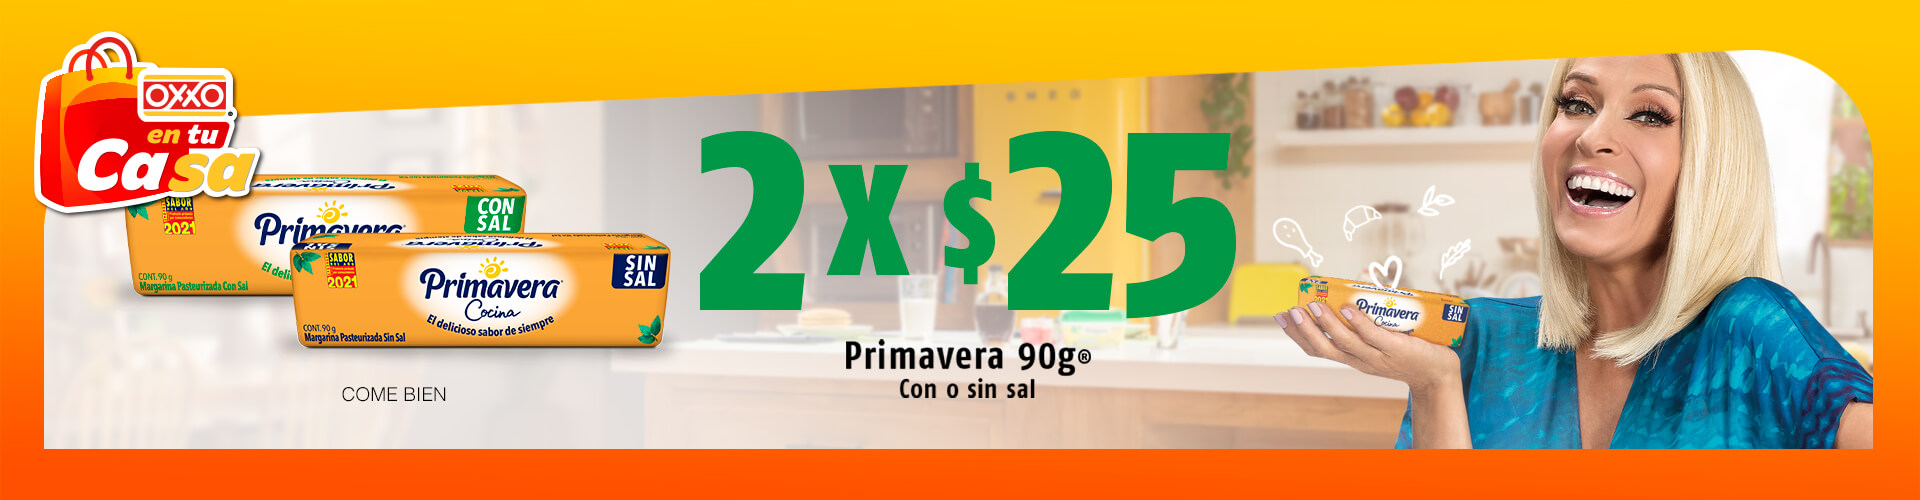 OXXO Promociones Margarina Primavera P5 2021